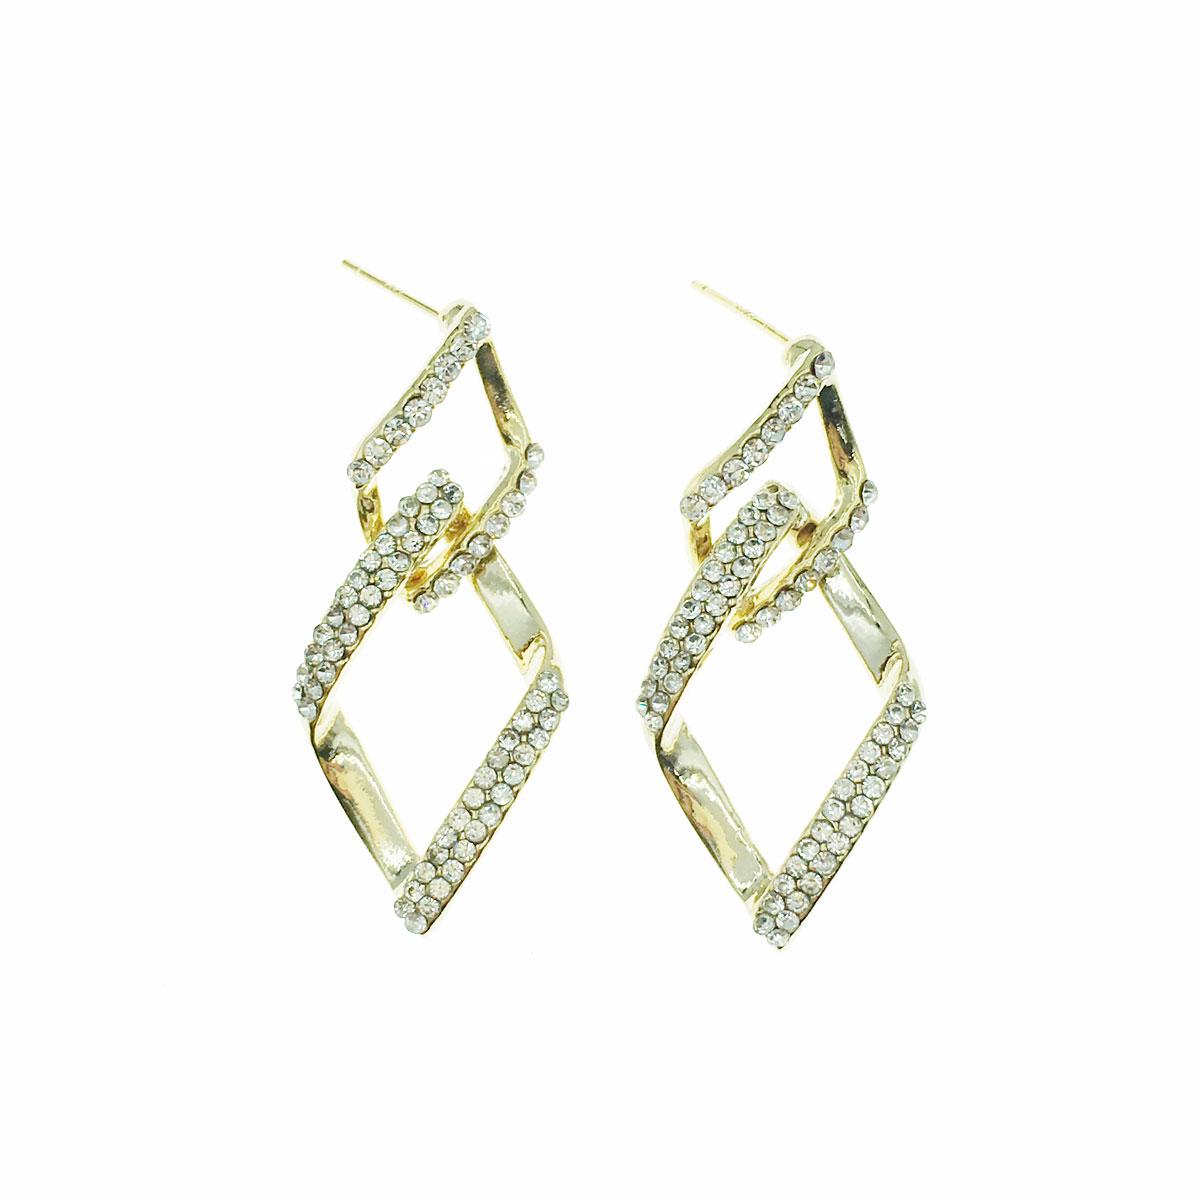 韓國 925純銀 水鑽 菱形 垂墜感 耳針式 耳環